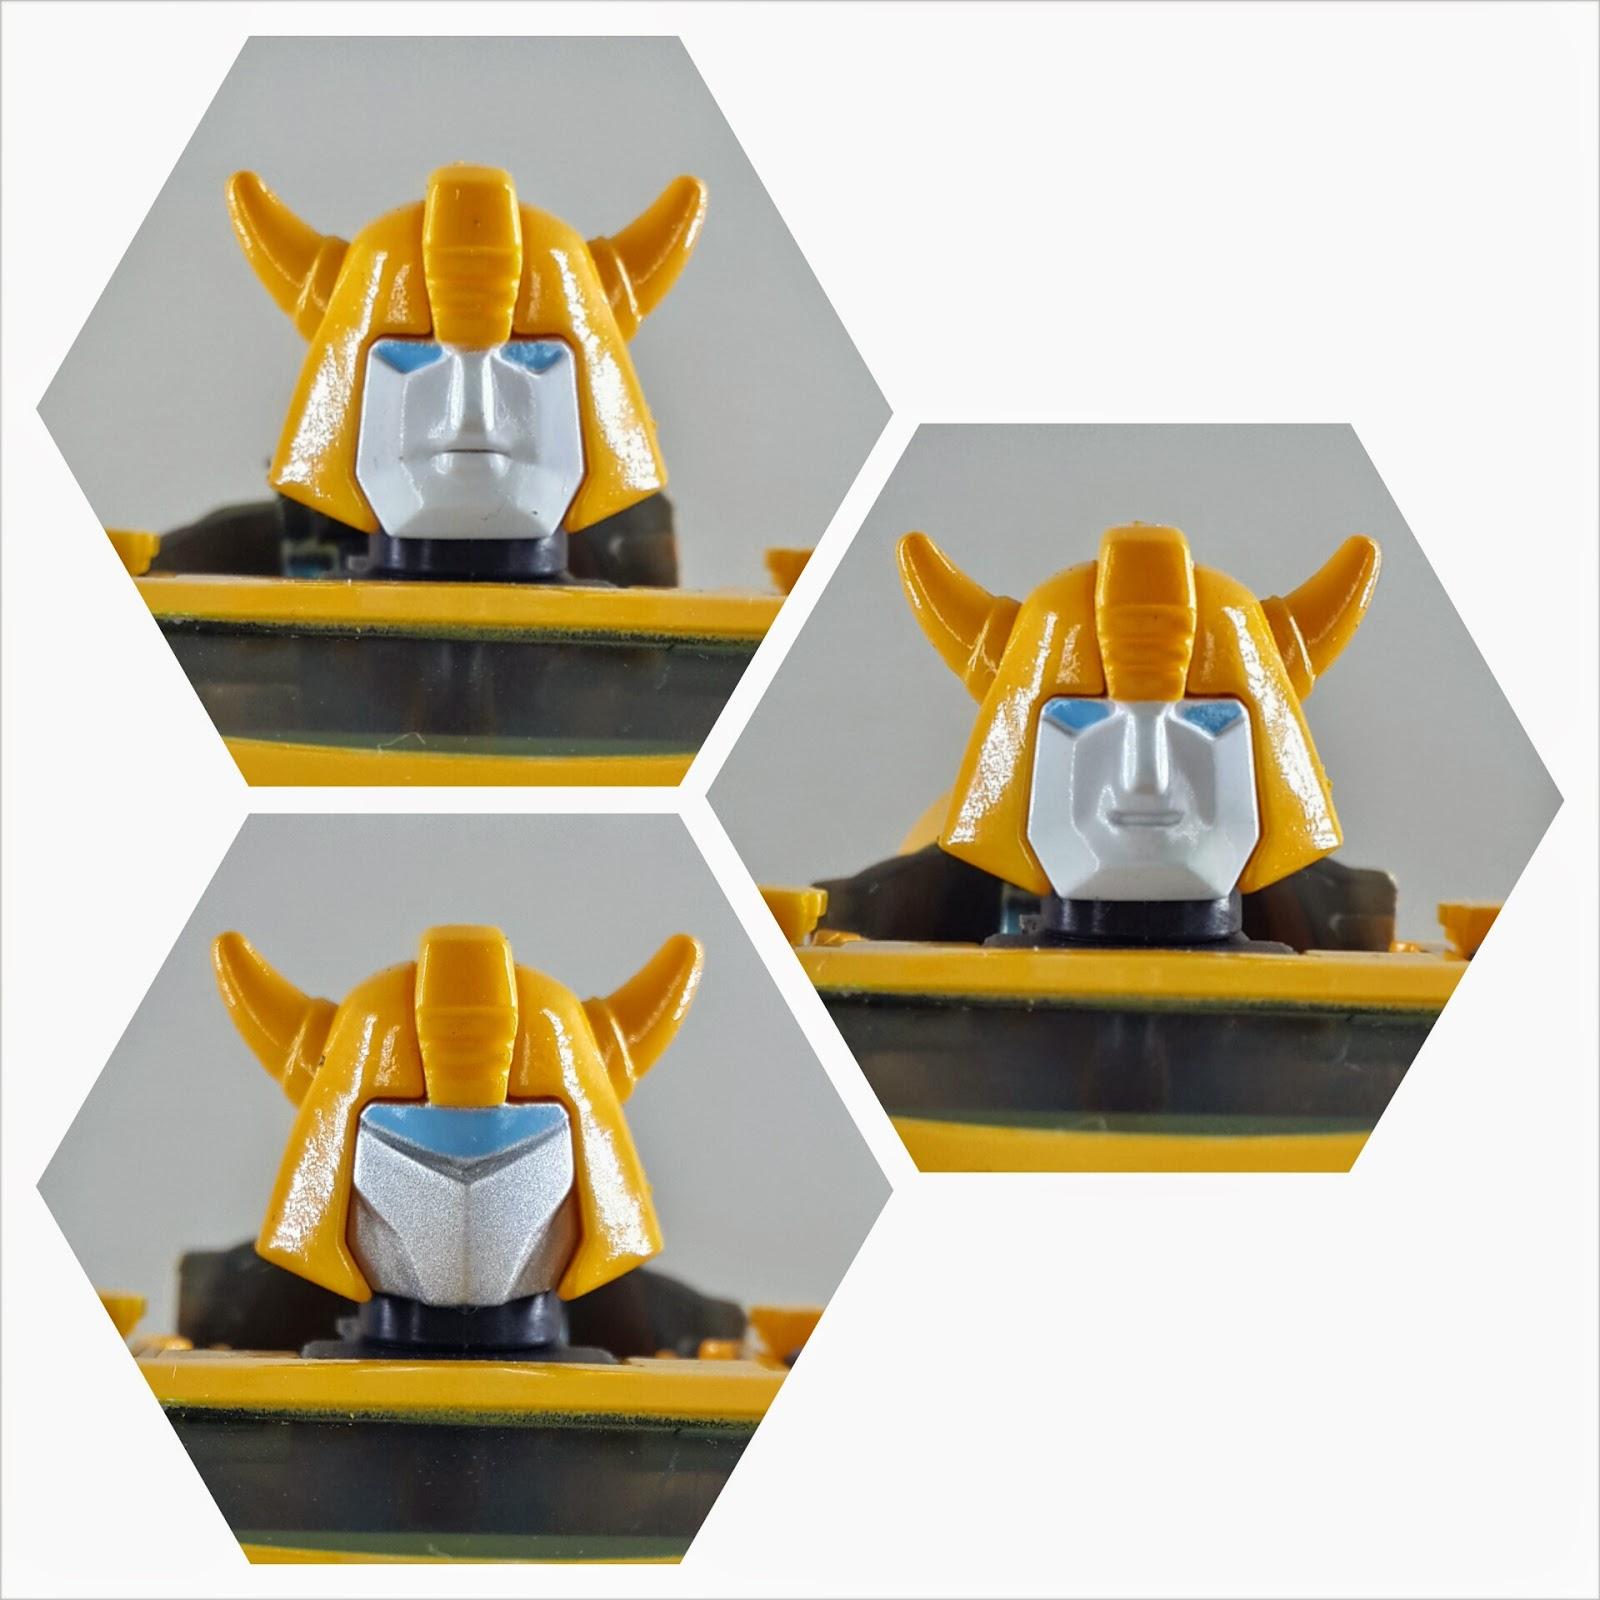 Hay Un Detalle Que Me Llamo La Atencion De Donde Venia Esa Marca Redonda Aparecia En Espalda Bee Es Una Rueda Auxilio Como Pretende El